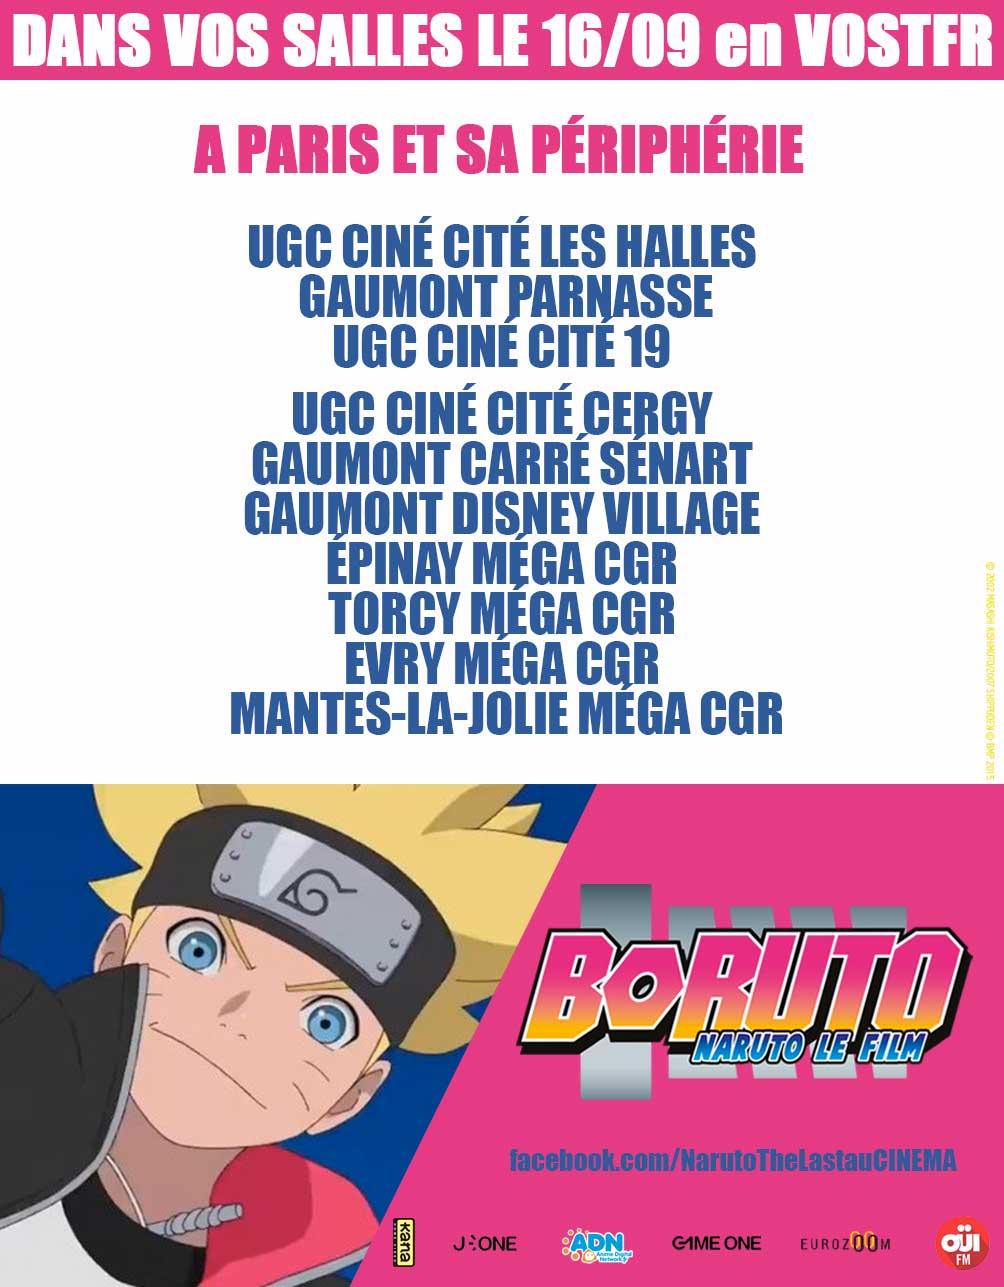 [NEWS] Boruto - Naruto the Movie ~ - Page 2 BORUTO-SN-PARIS